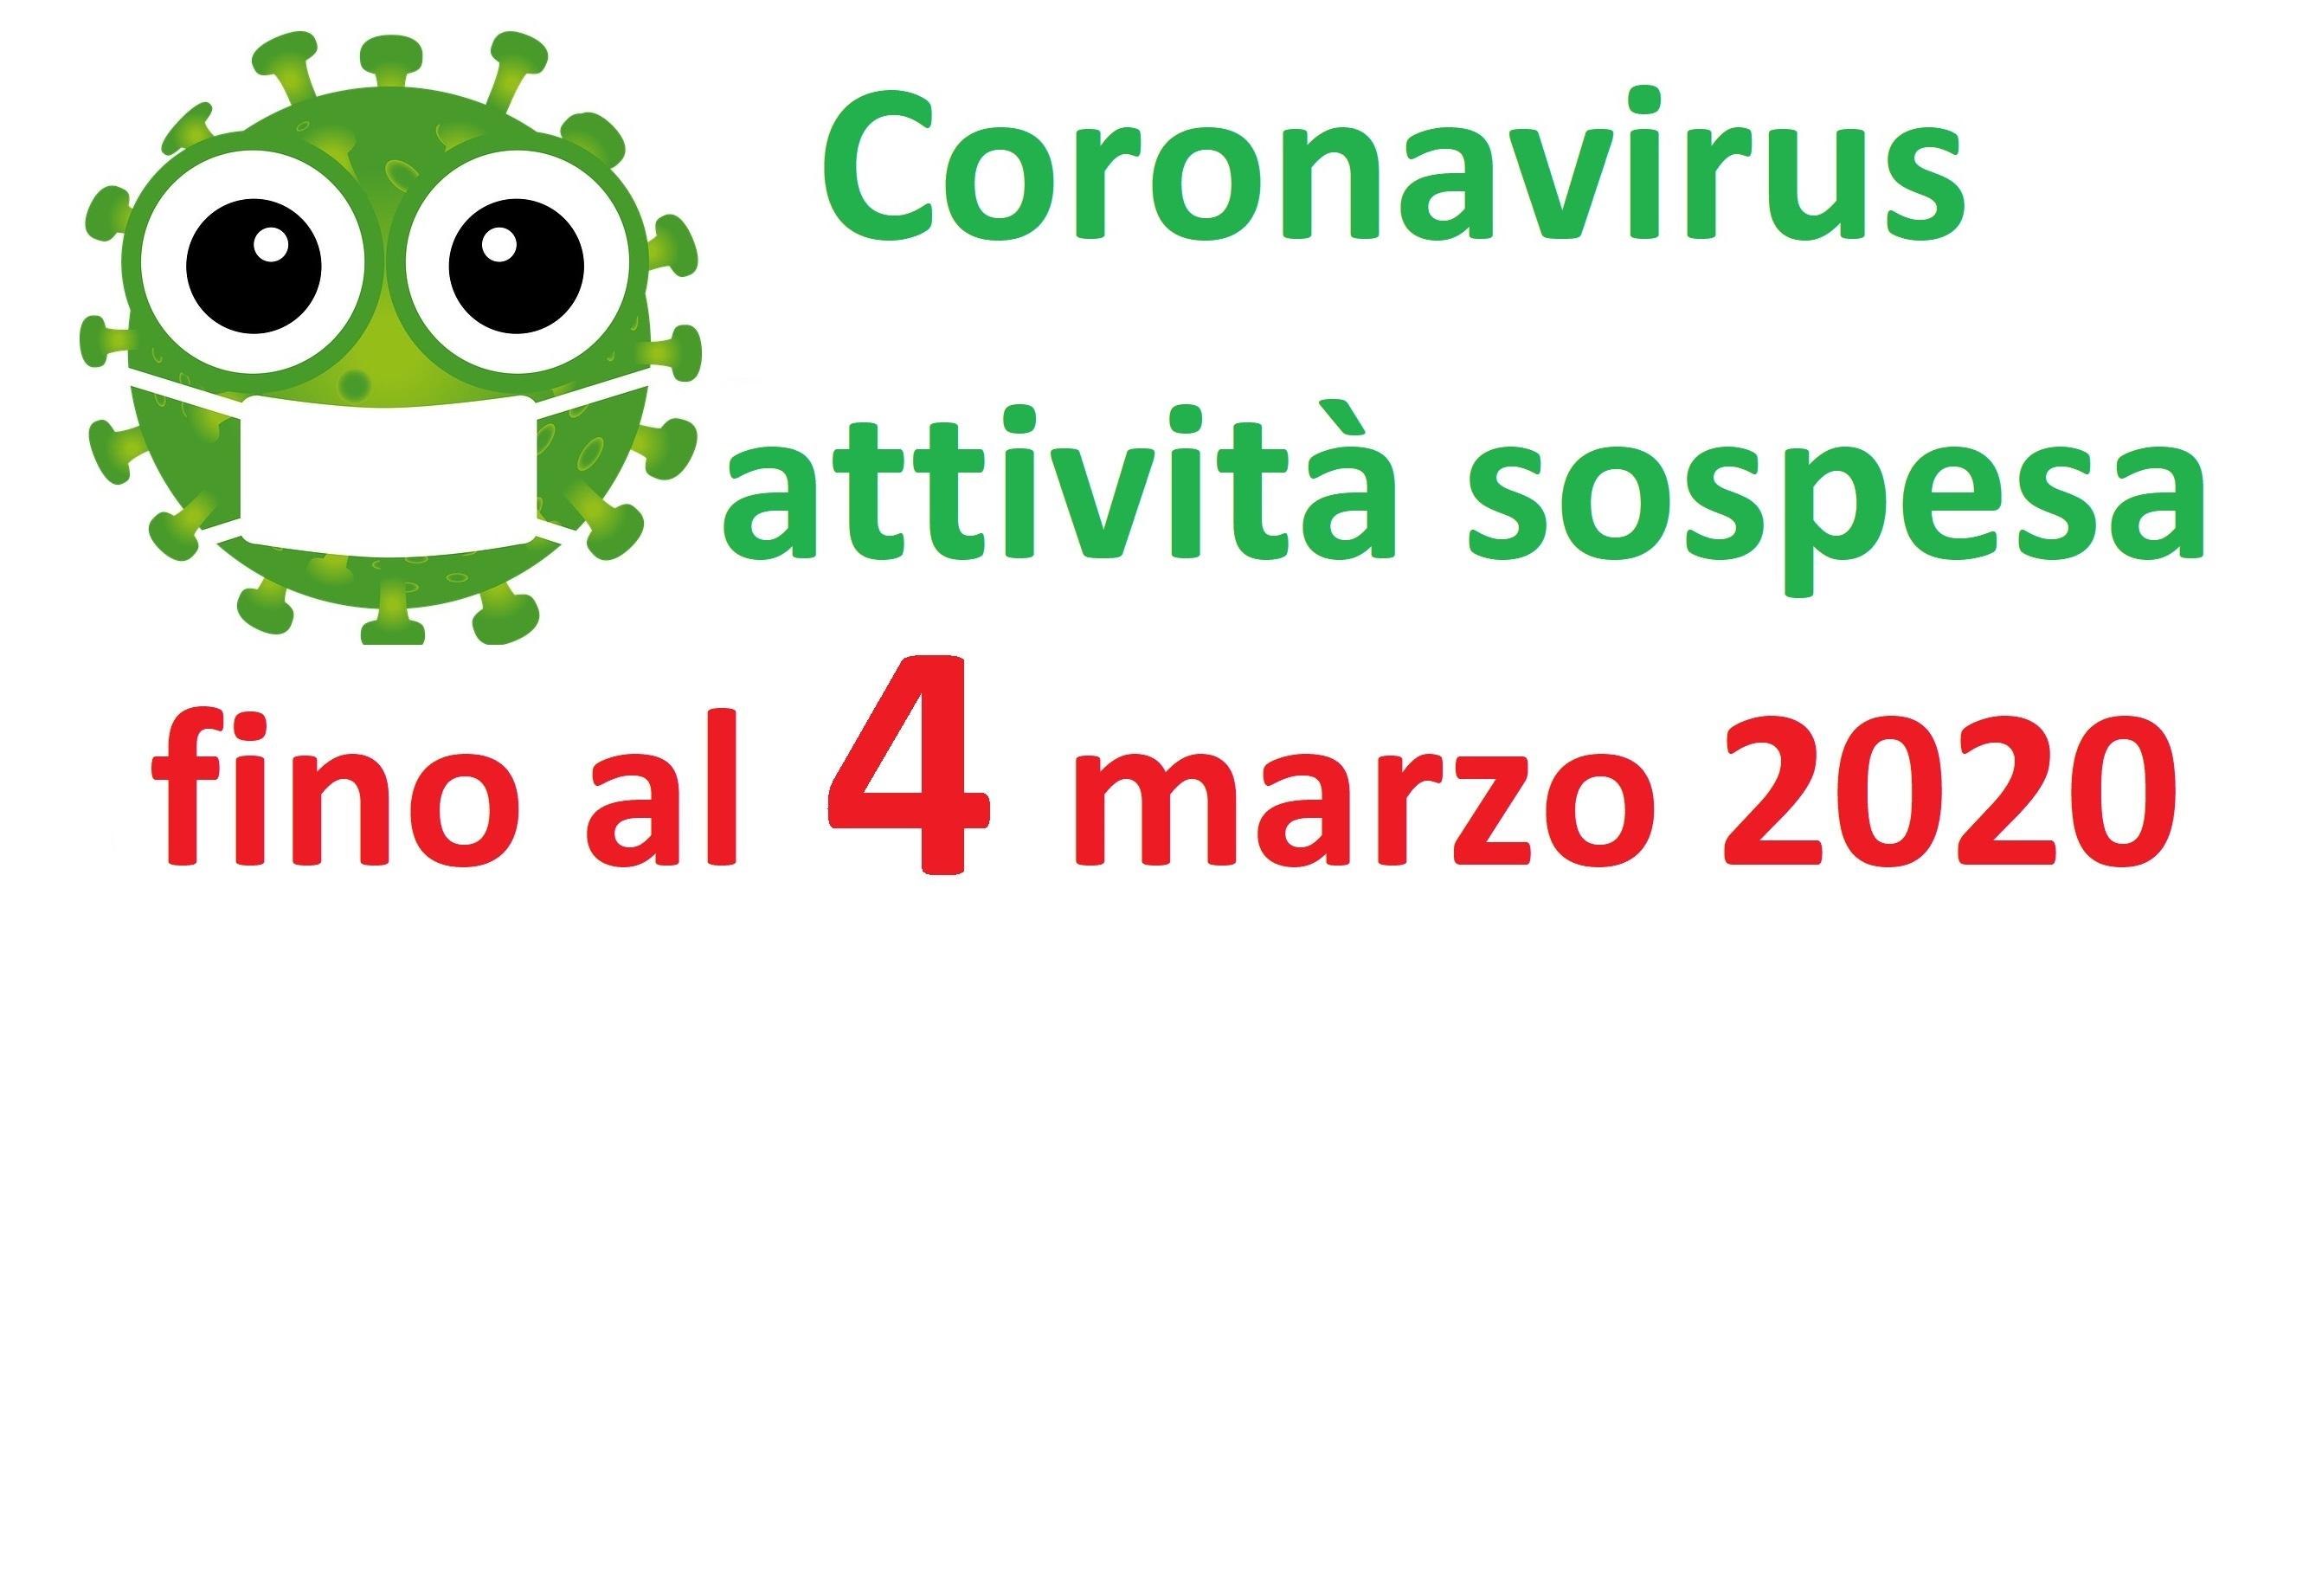 Coronavirus: sospesa l'attività fino a mercoledì 4 marzo